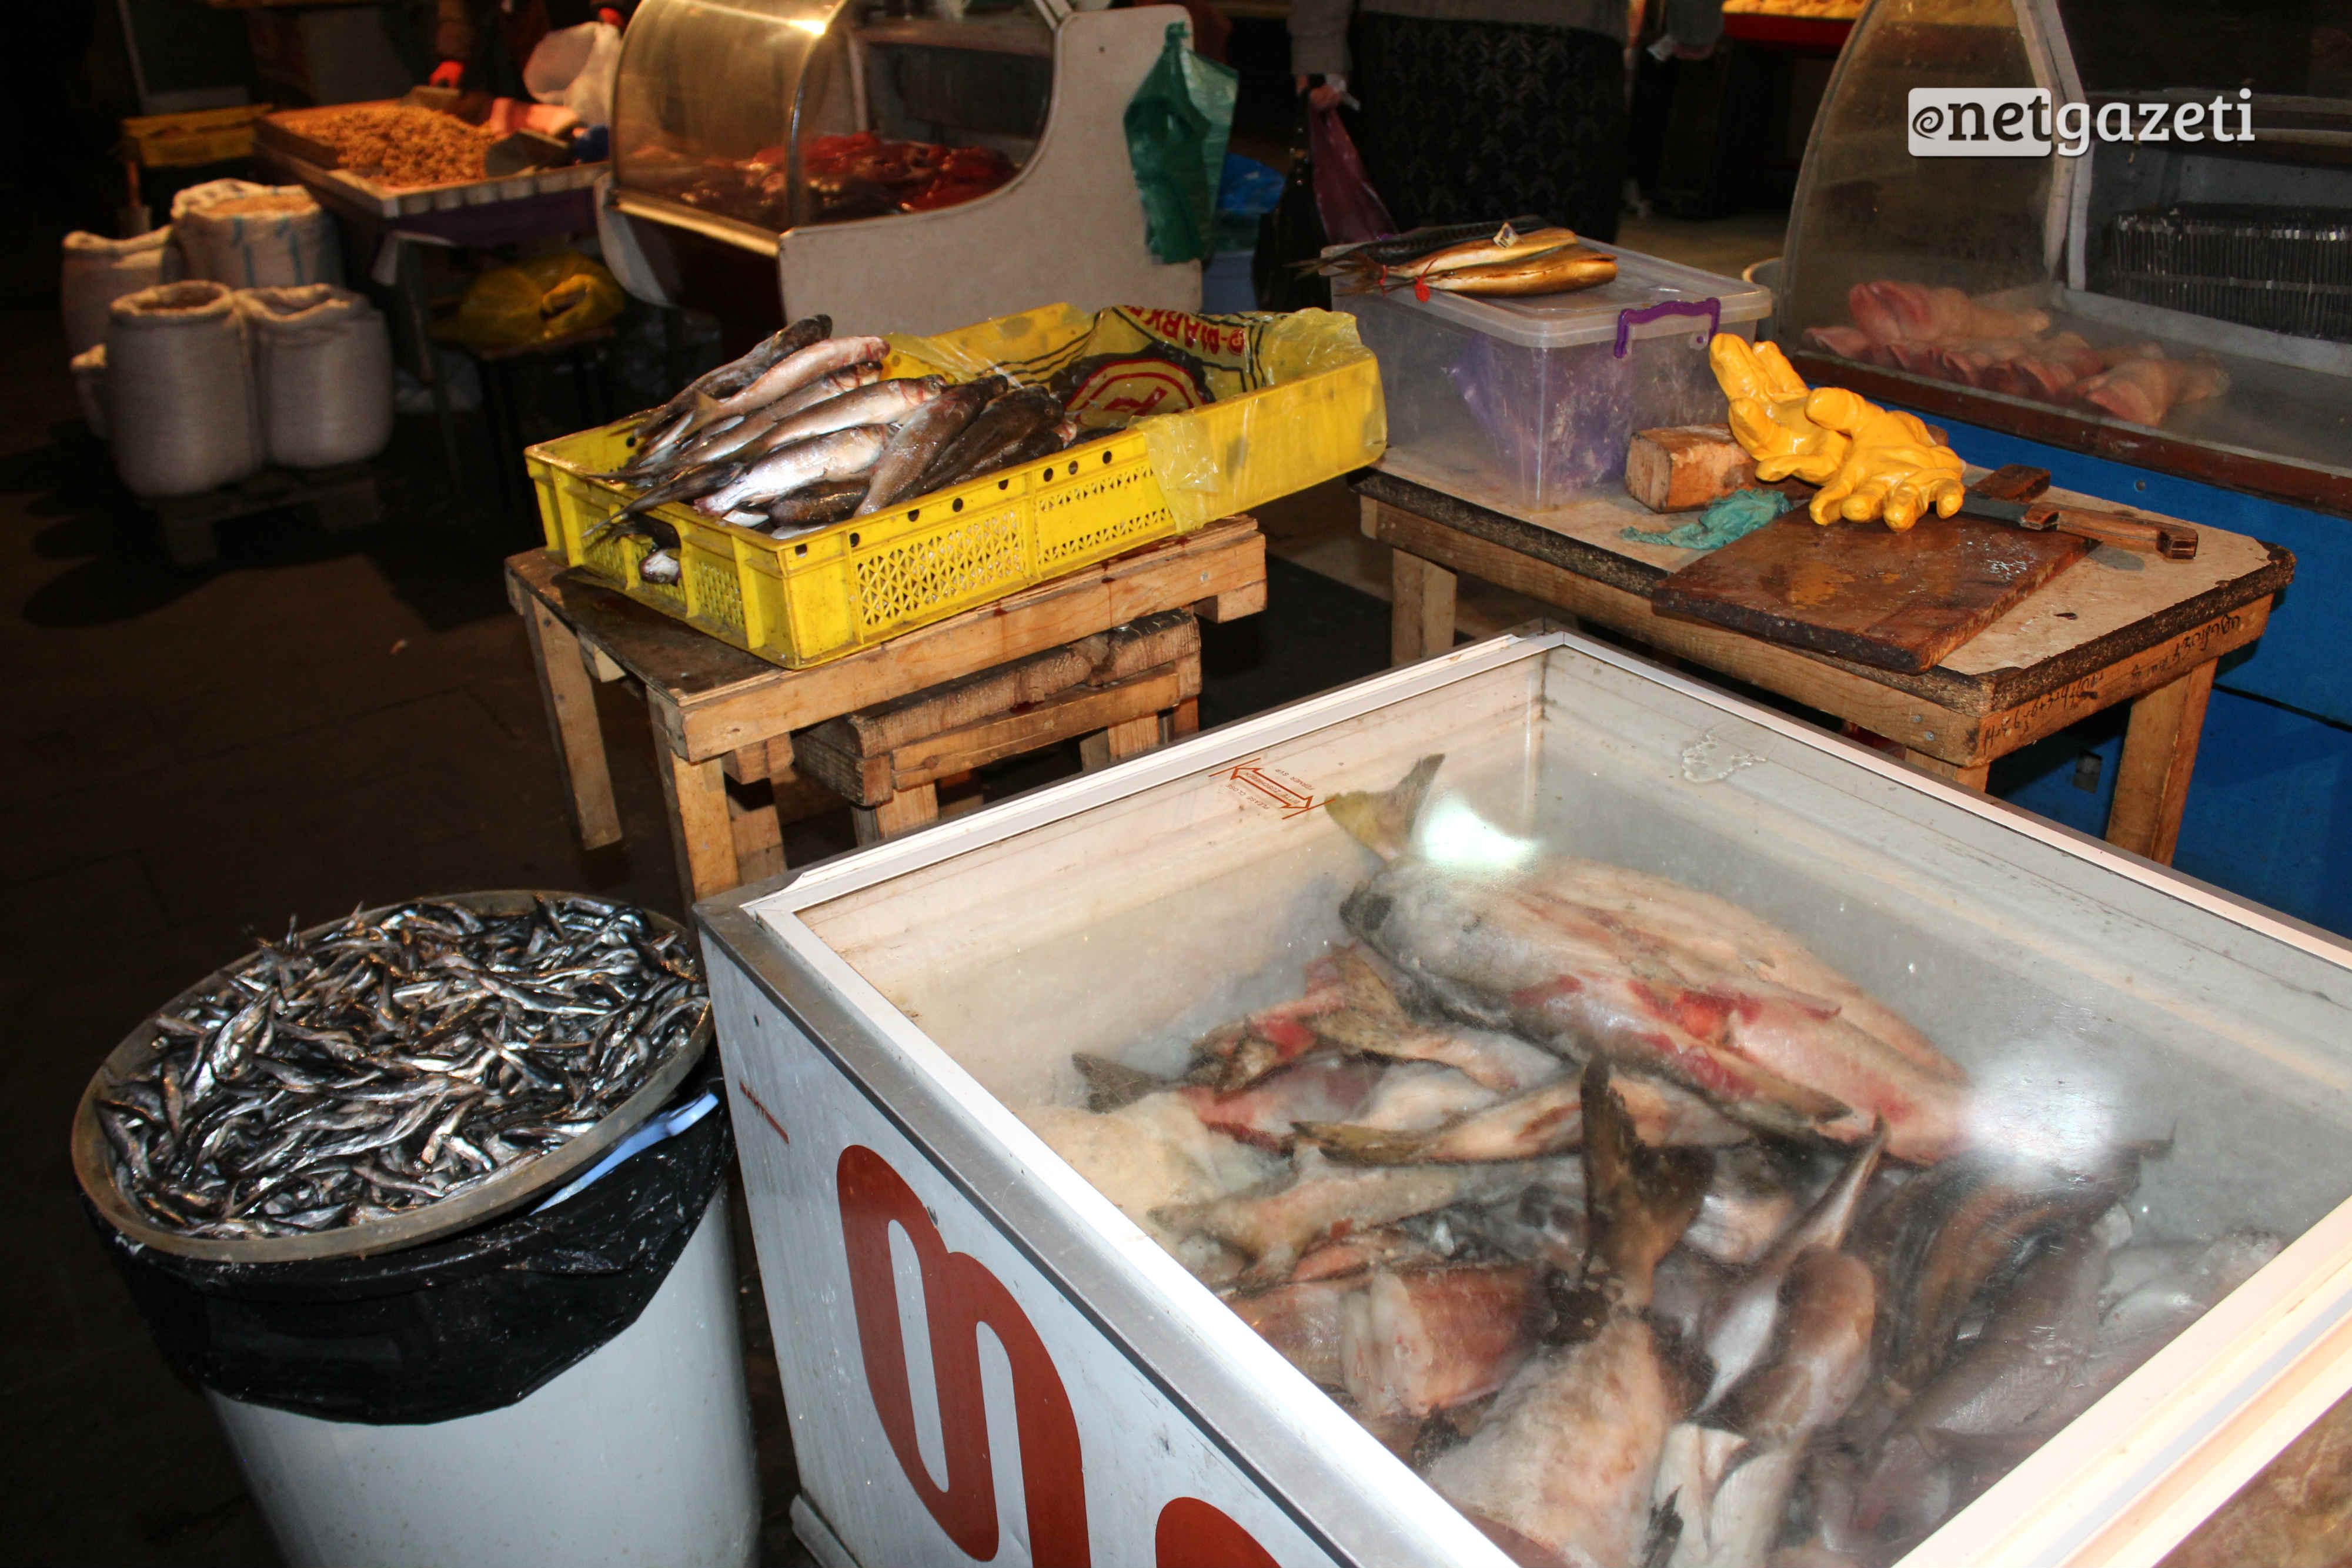 თევზი, ნიგოზი და თაფლი, თხილი, სოკო, მწნილი, ტყემალი და საწებელი. სუნელები, ყველი, სამწვადე ხორცი, ჩურჩხელა და ჩირი, ინდაური, ყველი, ხილი, თბილისის ცენტრალური ბაზარი. ფოტო: გიორგი დიასამიძე/ნეტგაზეთი